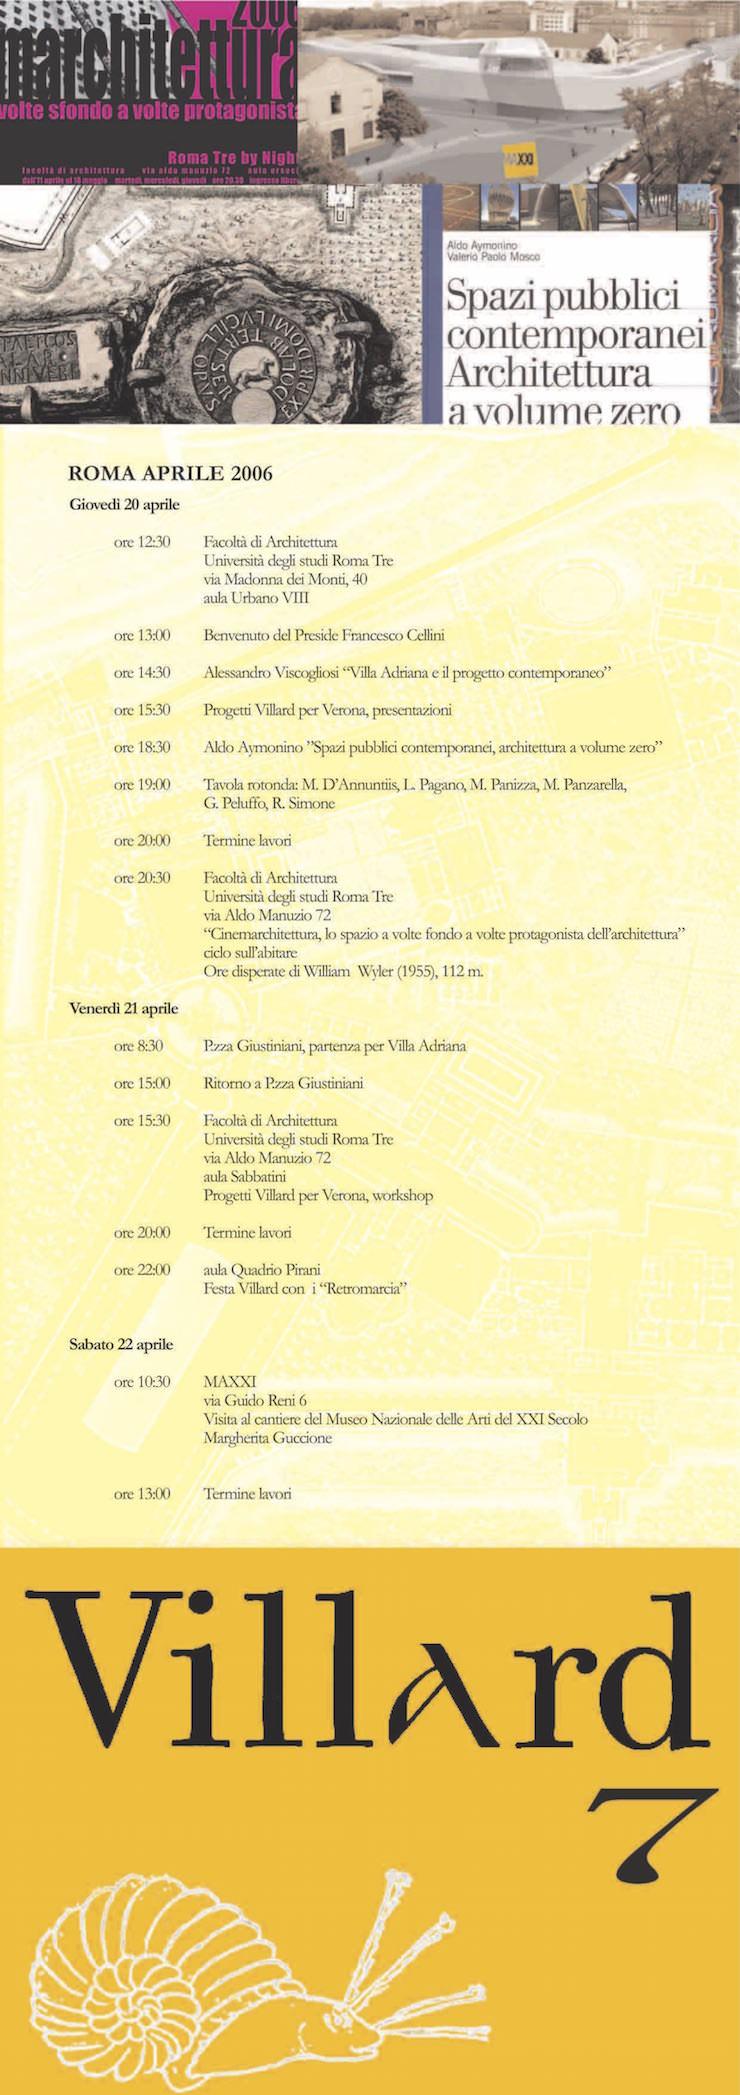 villard-7-roma-programma